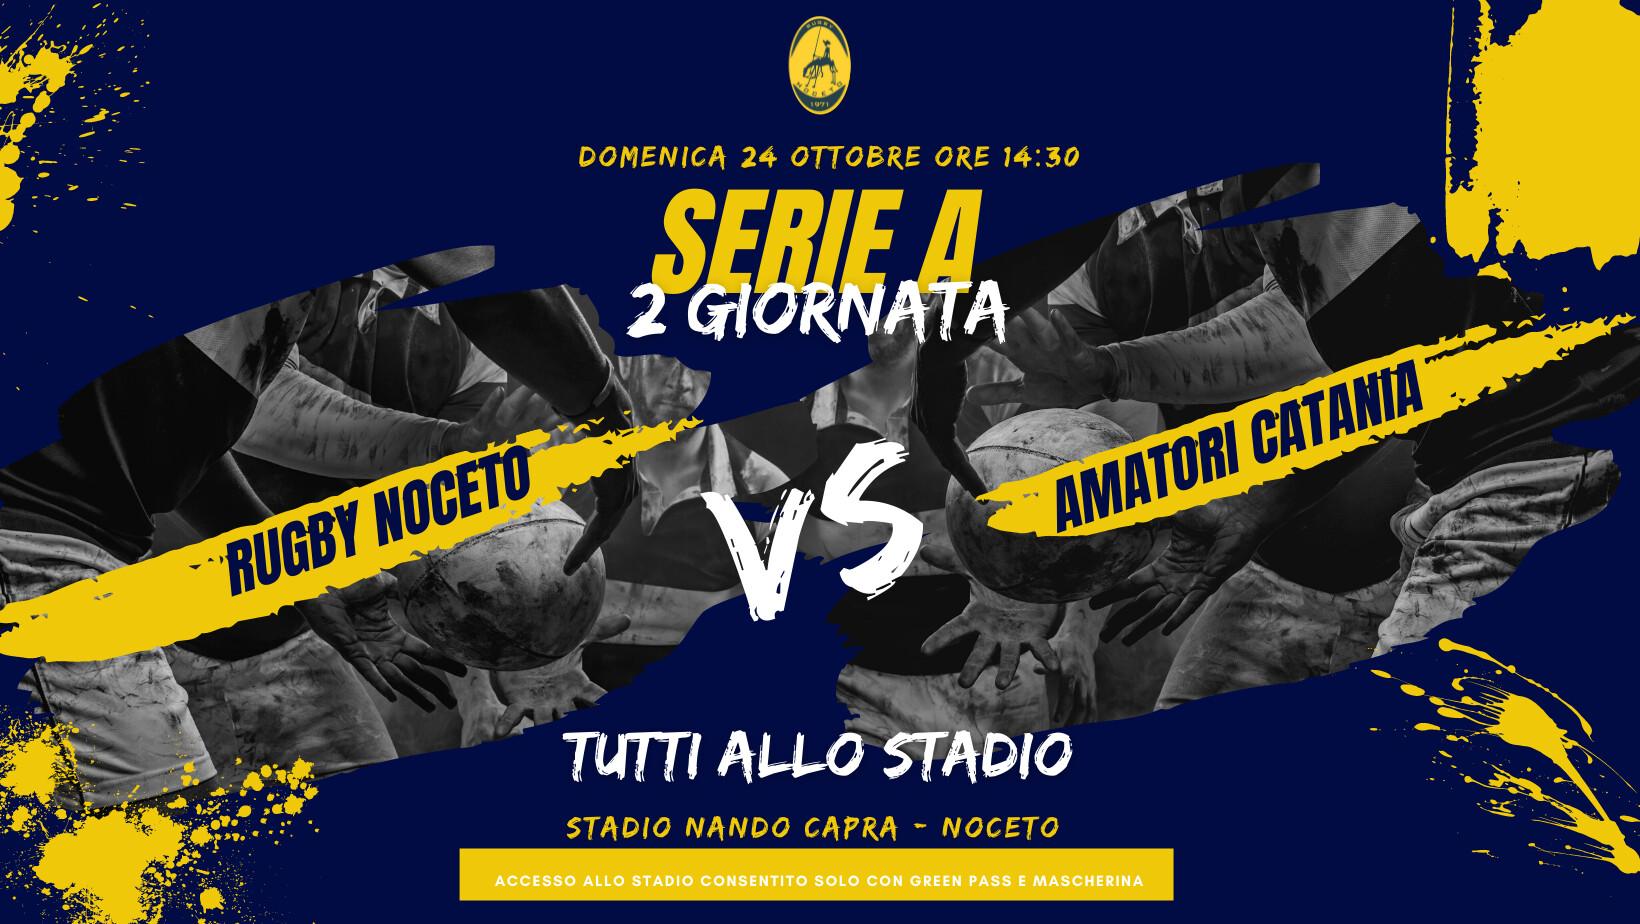 Rugby Noceto vs Amatori Catania  partita del  campionato di serie A di Rugby